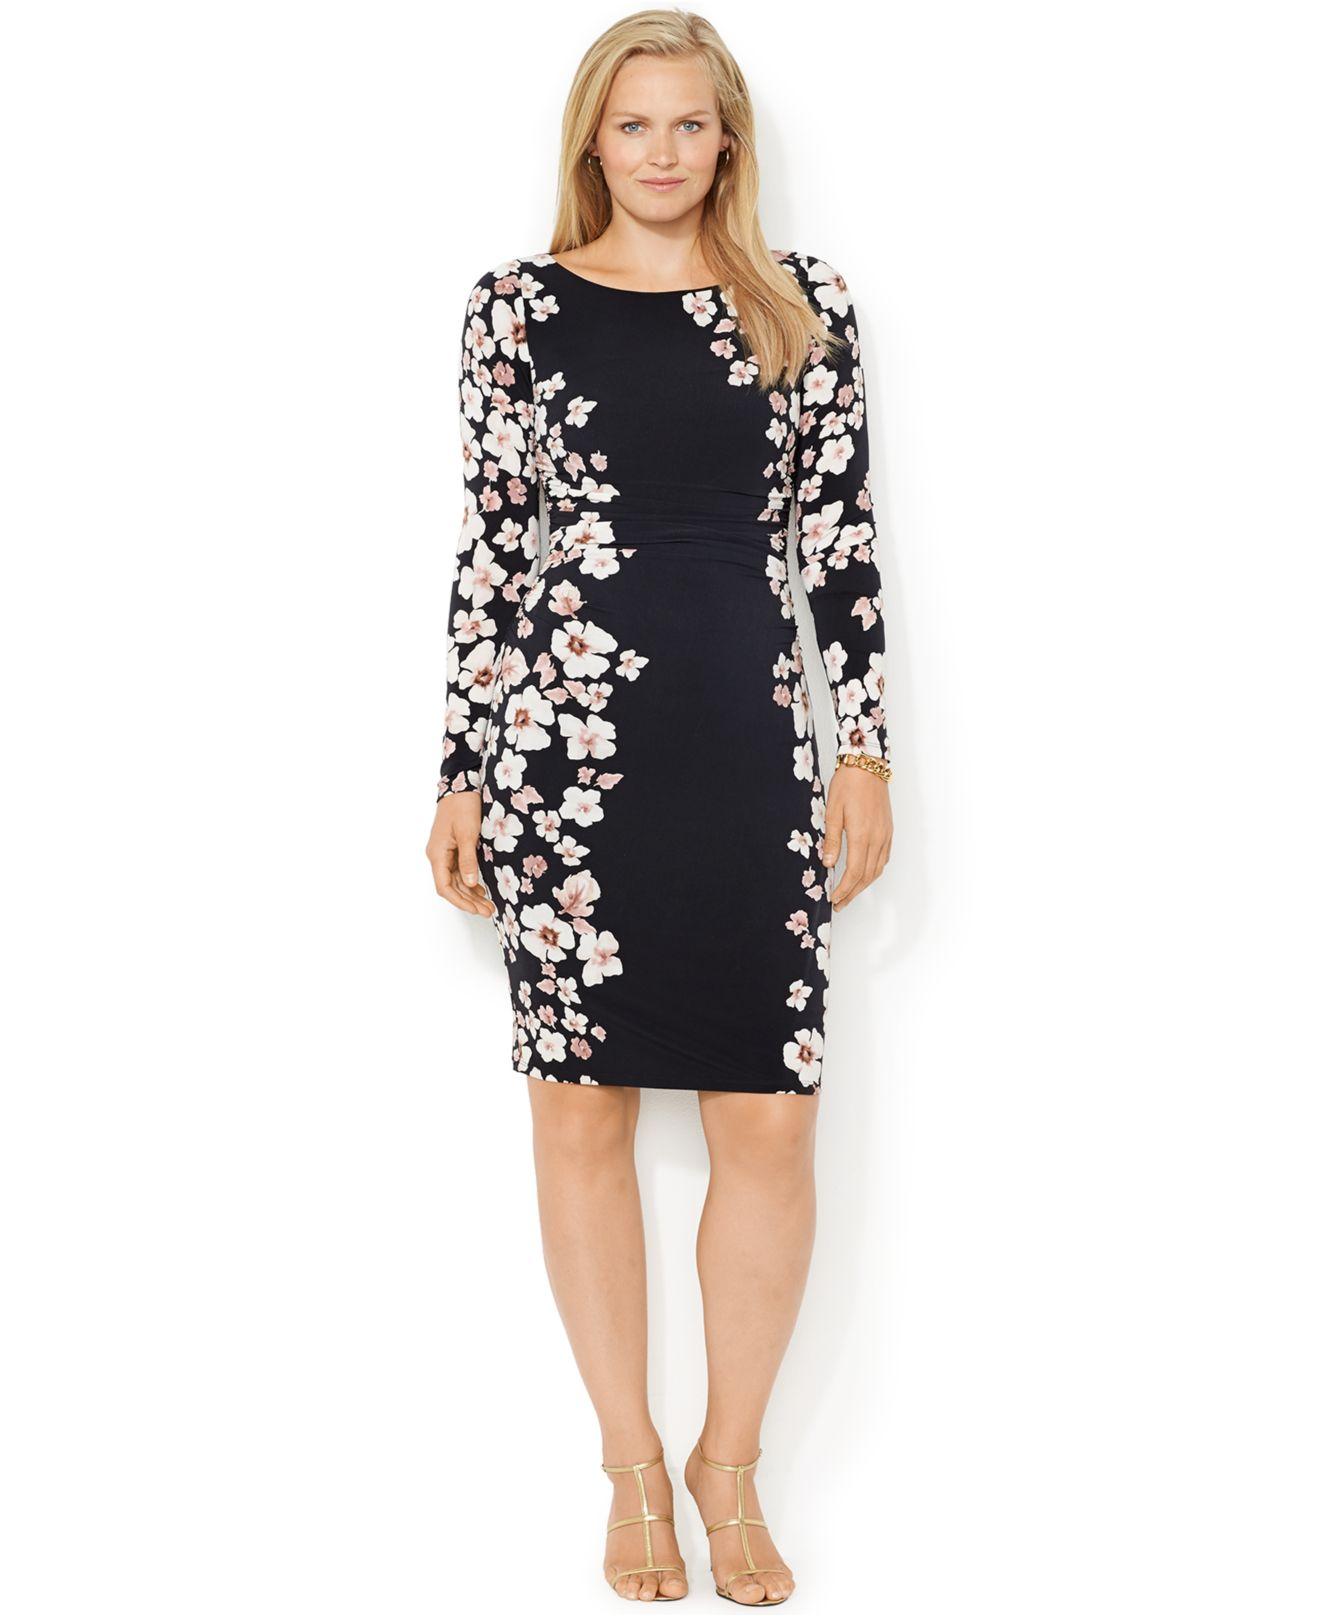 Ralph Lauren Plus Size Clothes Macys   Lauren Goss